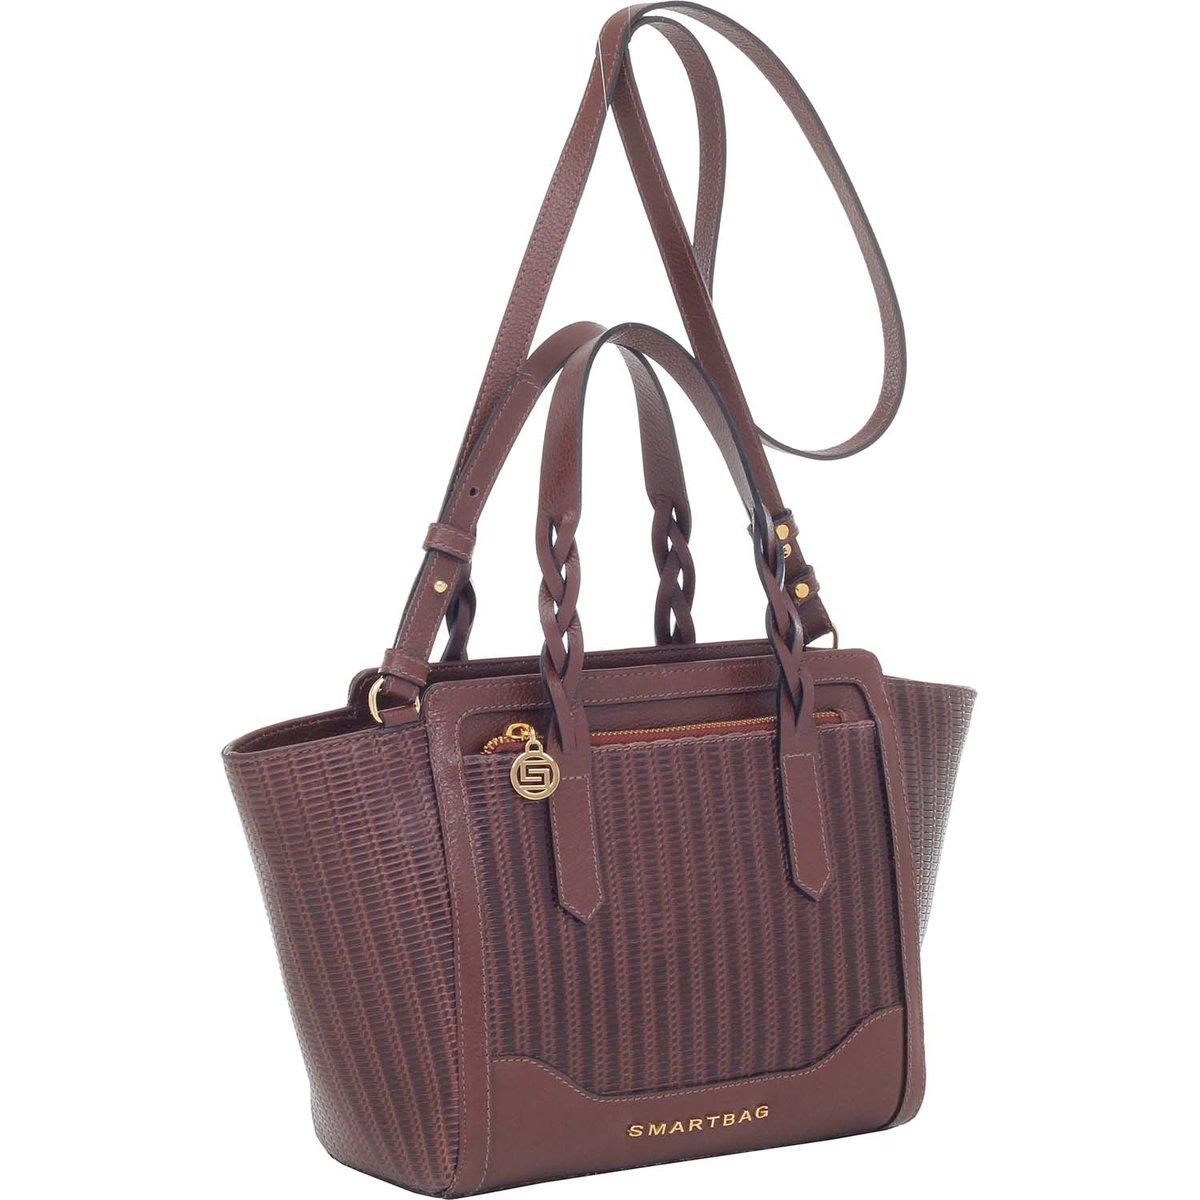 Bolsa Smart Bag Vaqueta Alça Mão - Compre Agora  fe43528b1c3